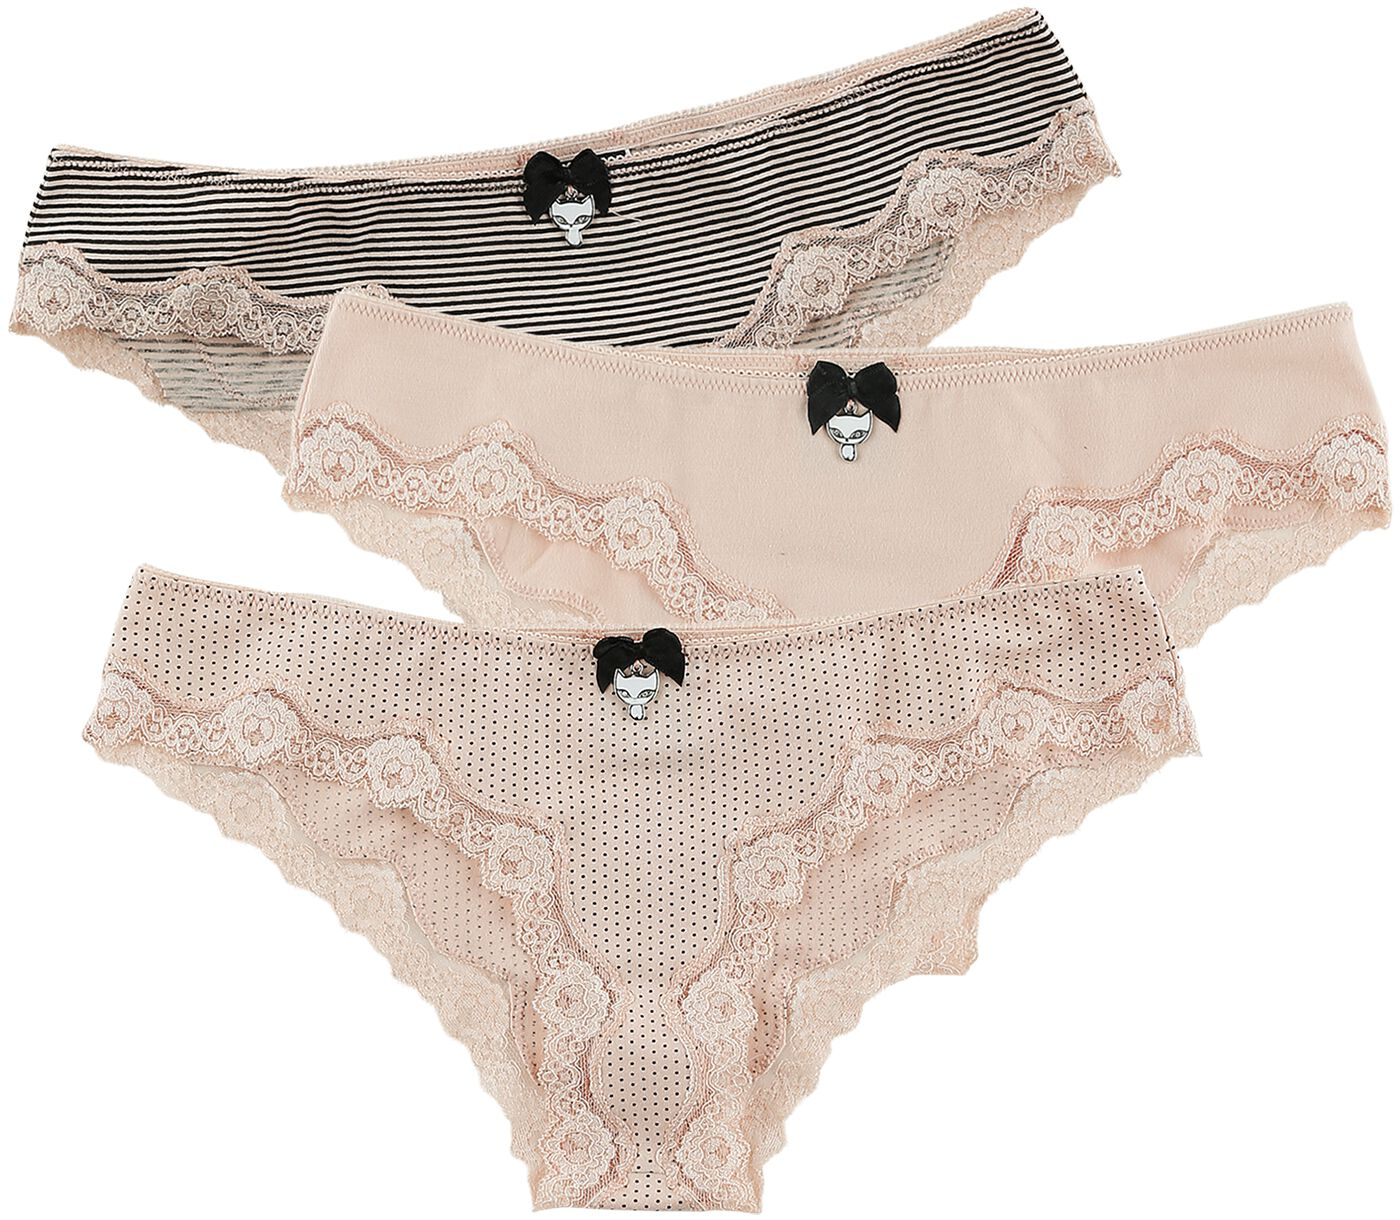 Waesche für Frauen - Pussy Deluxe 3er Set Panties Panty Set rosa schwarz  - Onlineshop EMP